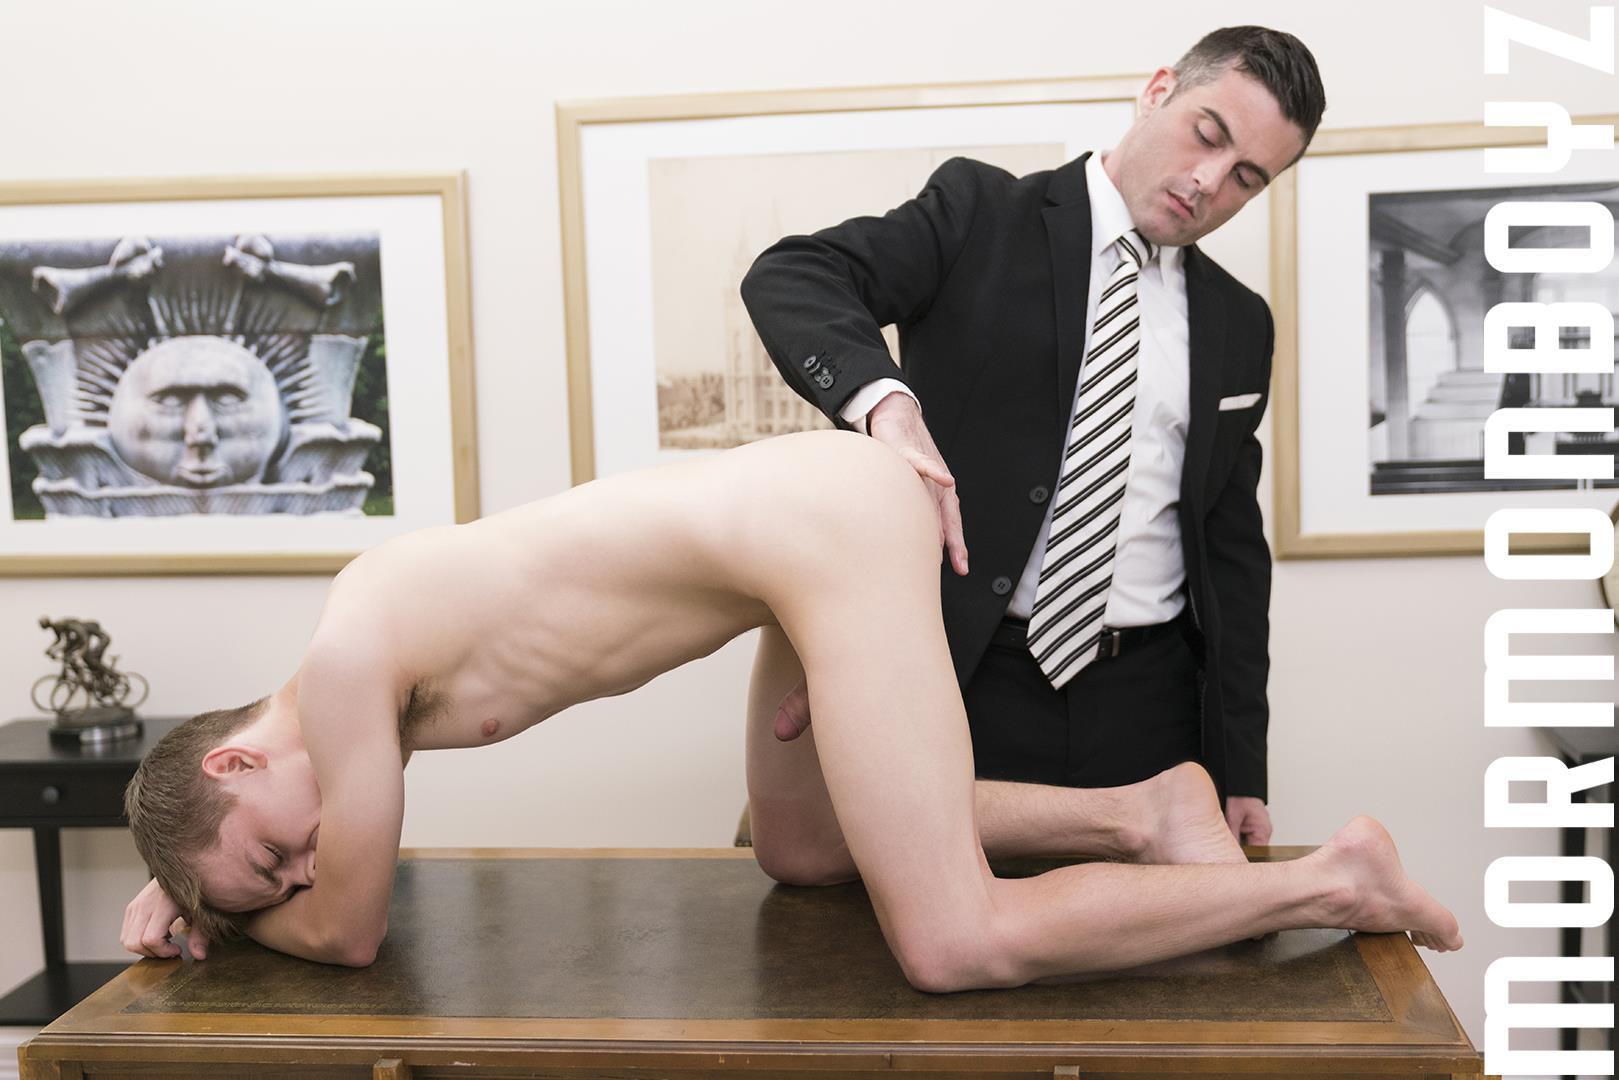 Mormon-Boyz-Elder-Dalton-and-Bishop-Hart-Bareback-Twink-By-Older-Man-06 Big Dick Mormon Twink Takes A Thick Bareback Cock